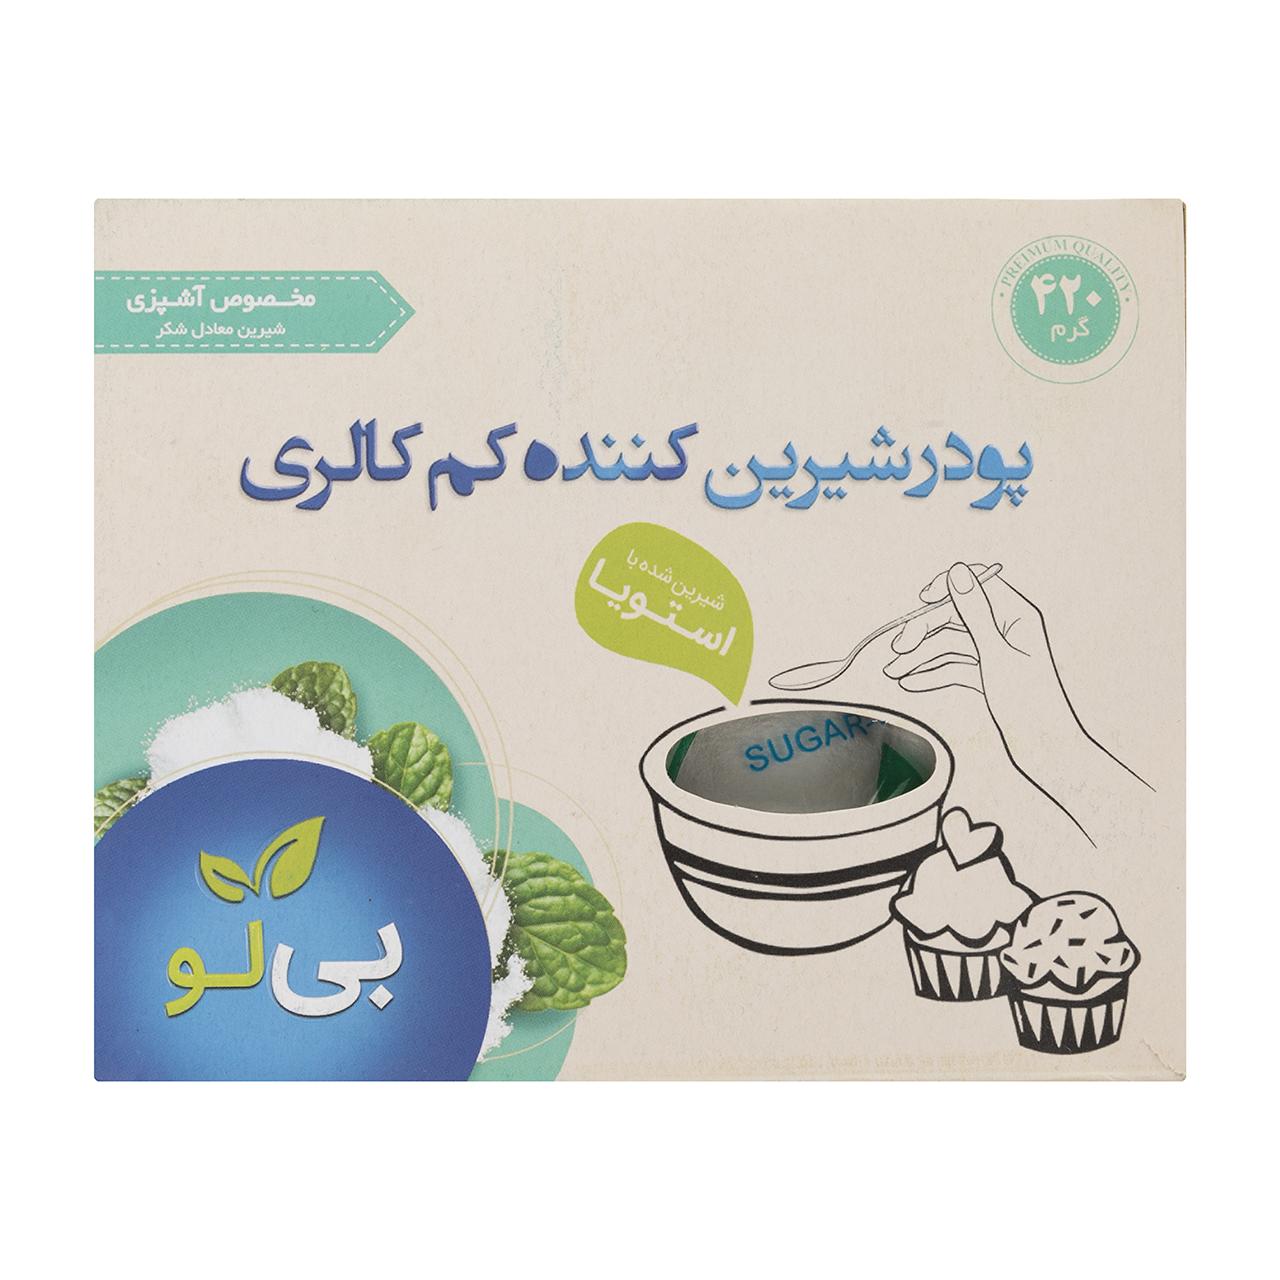 پودر شیرین کننده کم کالری بی لو مخصوص آشپزی وزن 420 گرم